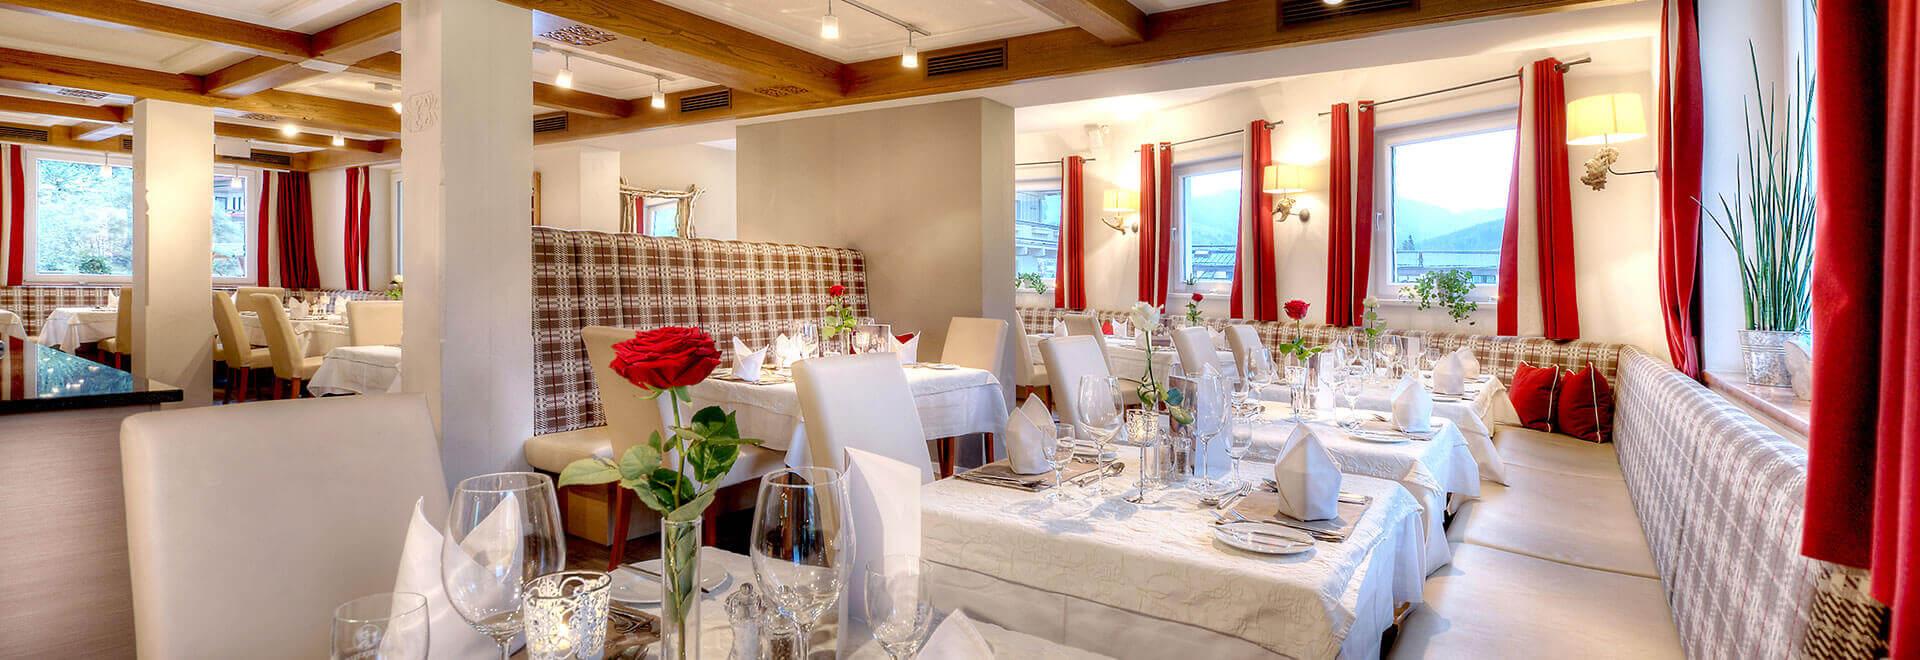 Kulinarik/Culinary in Hotel Schackner